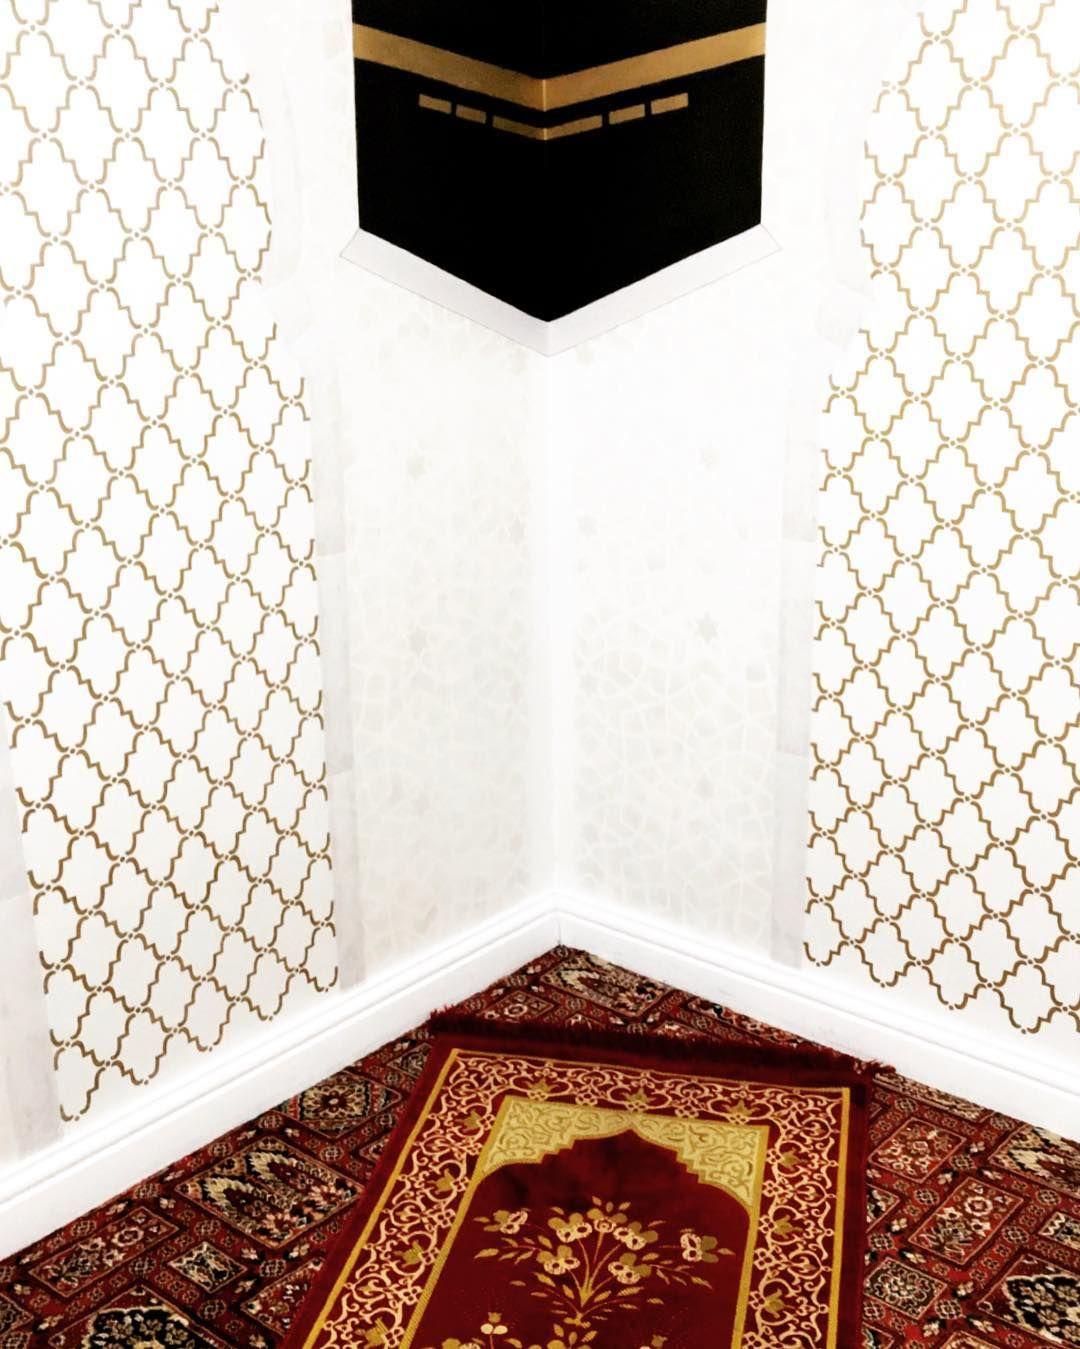 Desain Dinding Mushola Ka Bah Rumah Minimalis Minimalis Desain